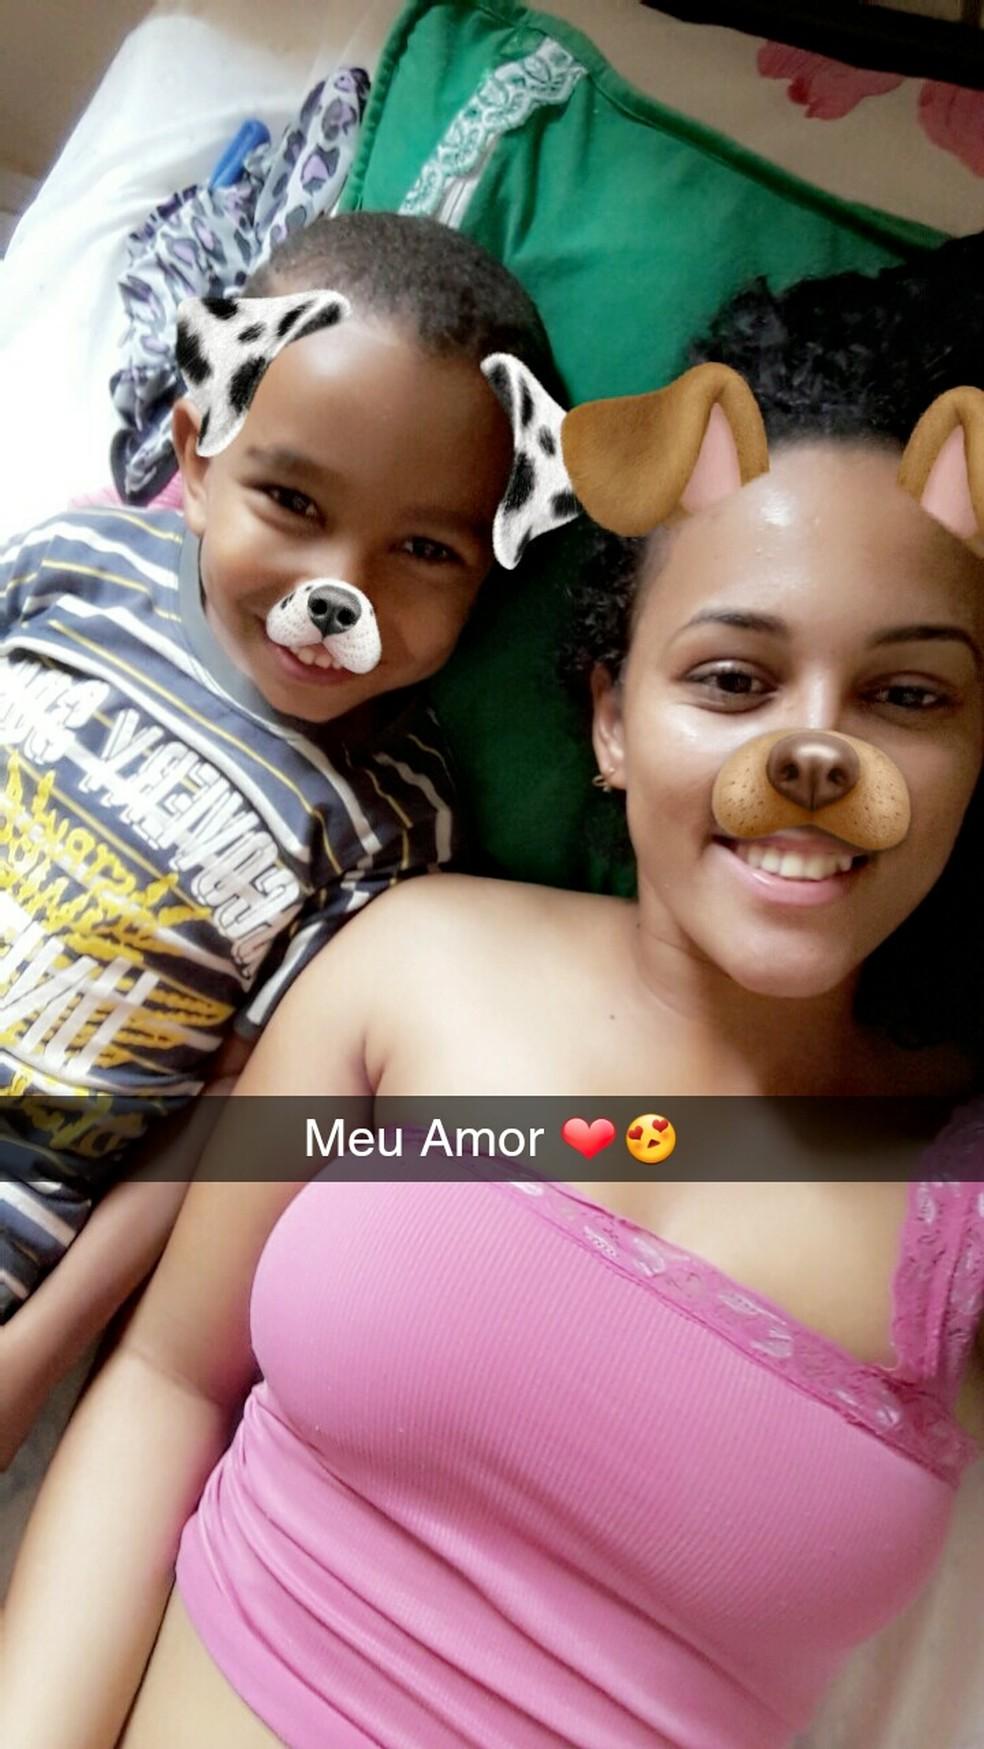 Laira guarda várias fotos no celular com Luiz (Foto: Laira Sandriane Rodrigues Silva/ Arquivo pessoal)